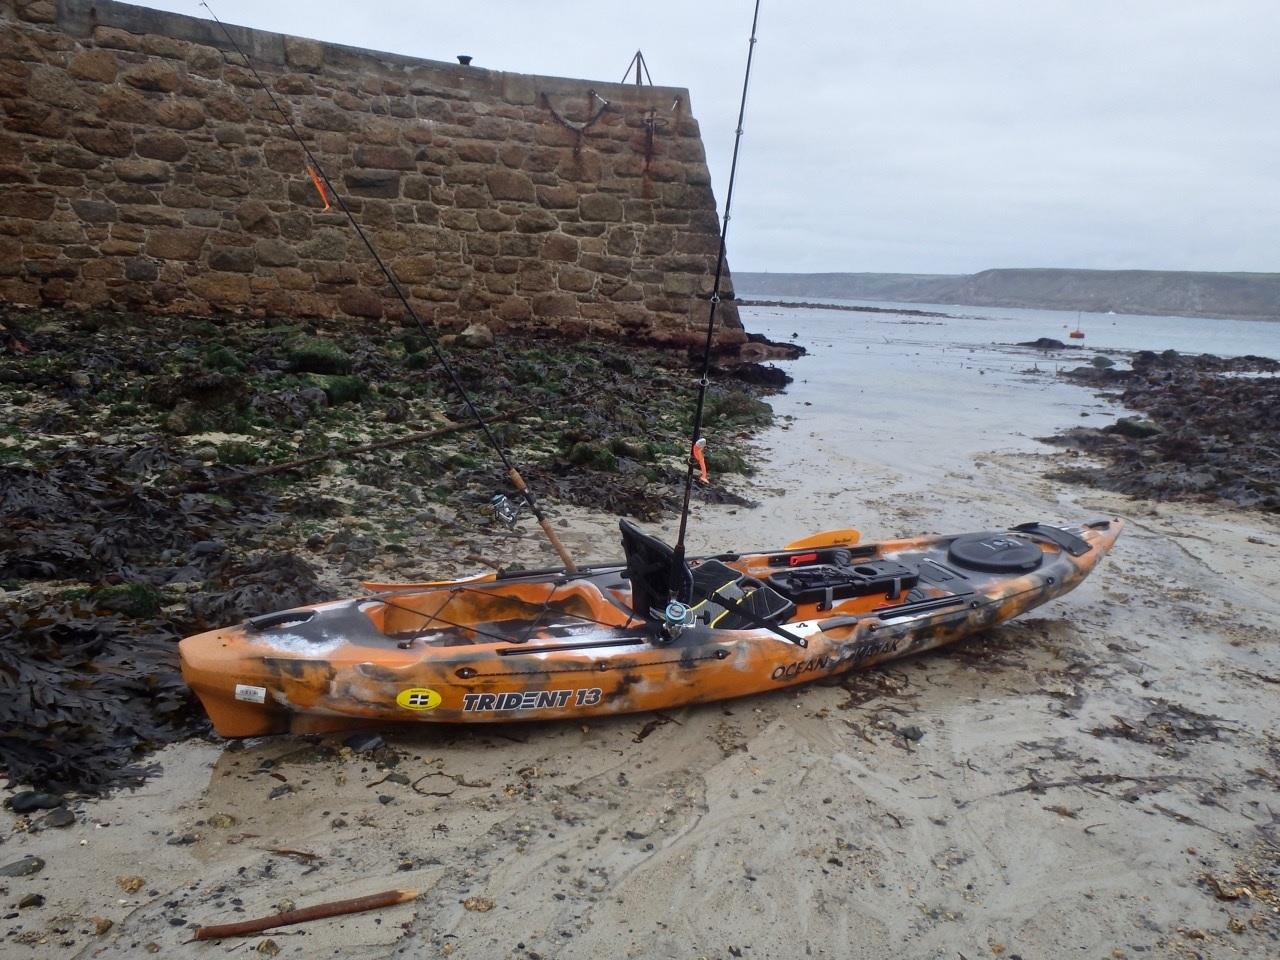 Ocean kayak trident 13 2017 sit on top kayaks for Ocean kayak fishing